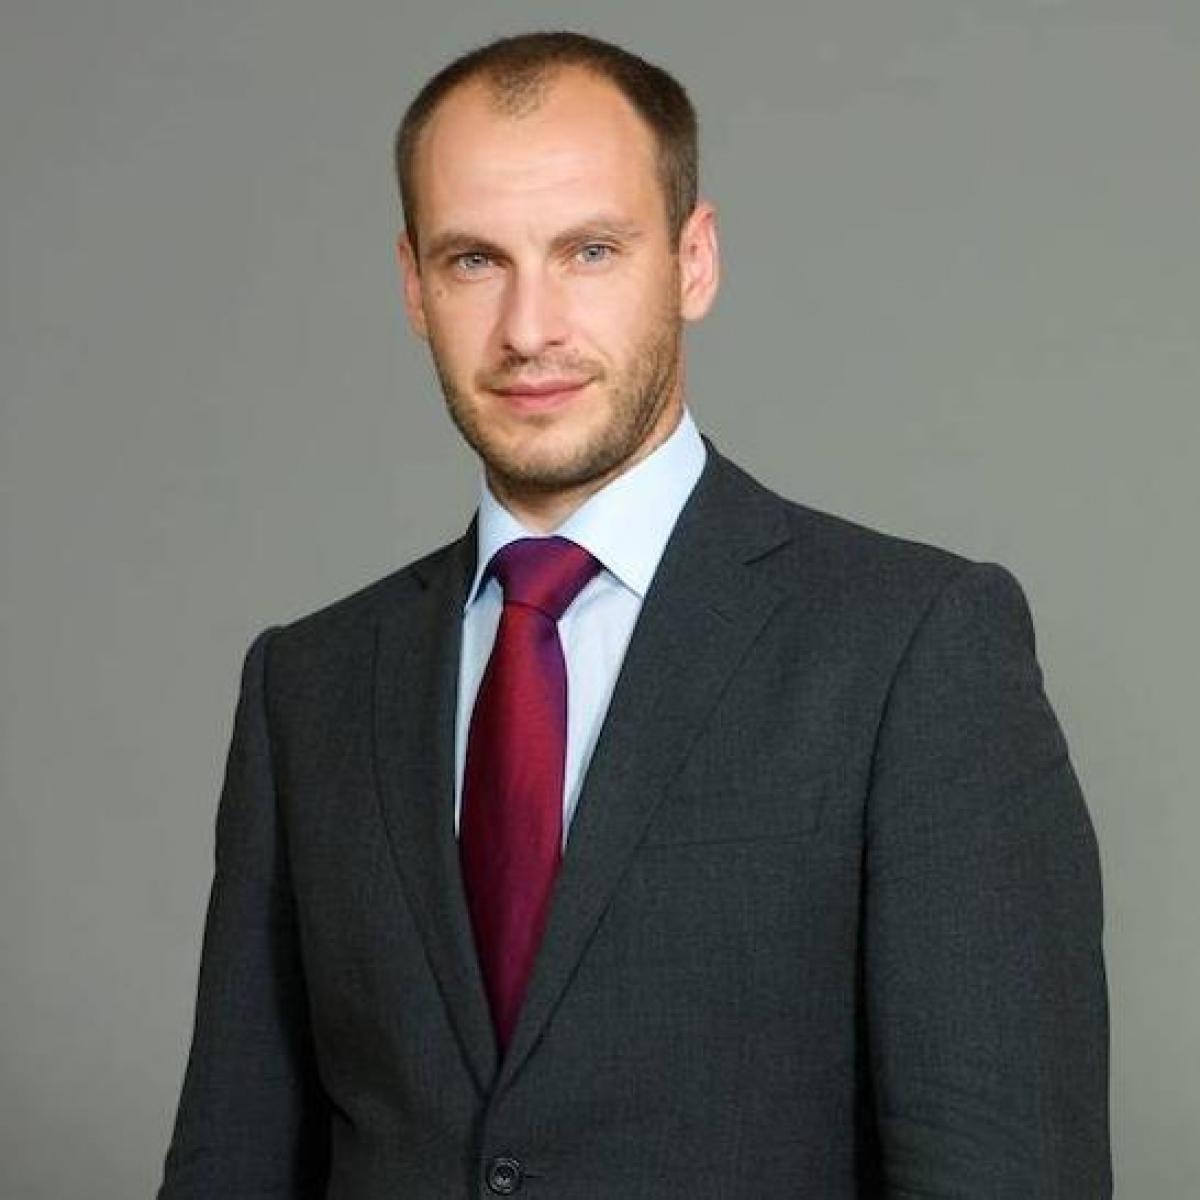 Tiến sỹ Alexander Molotnikov – Trường Đại học Tổng hợp Moscow (MGU).